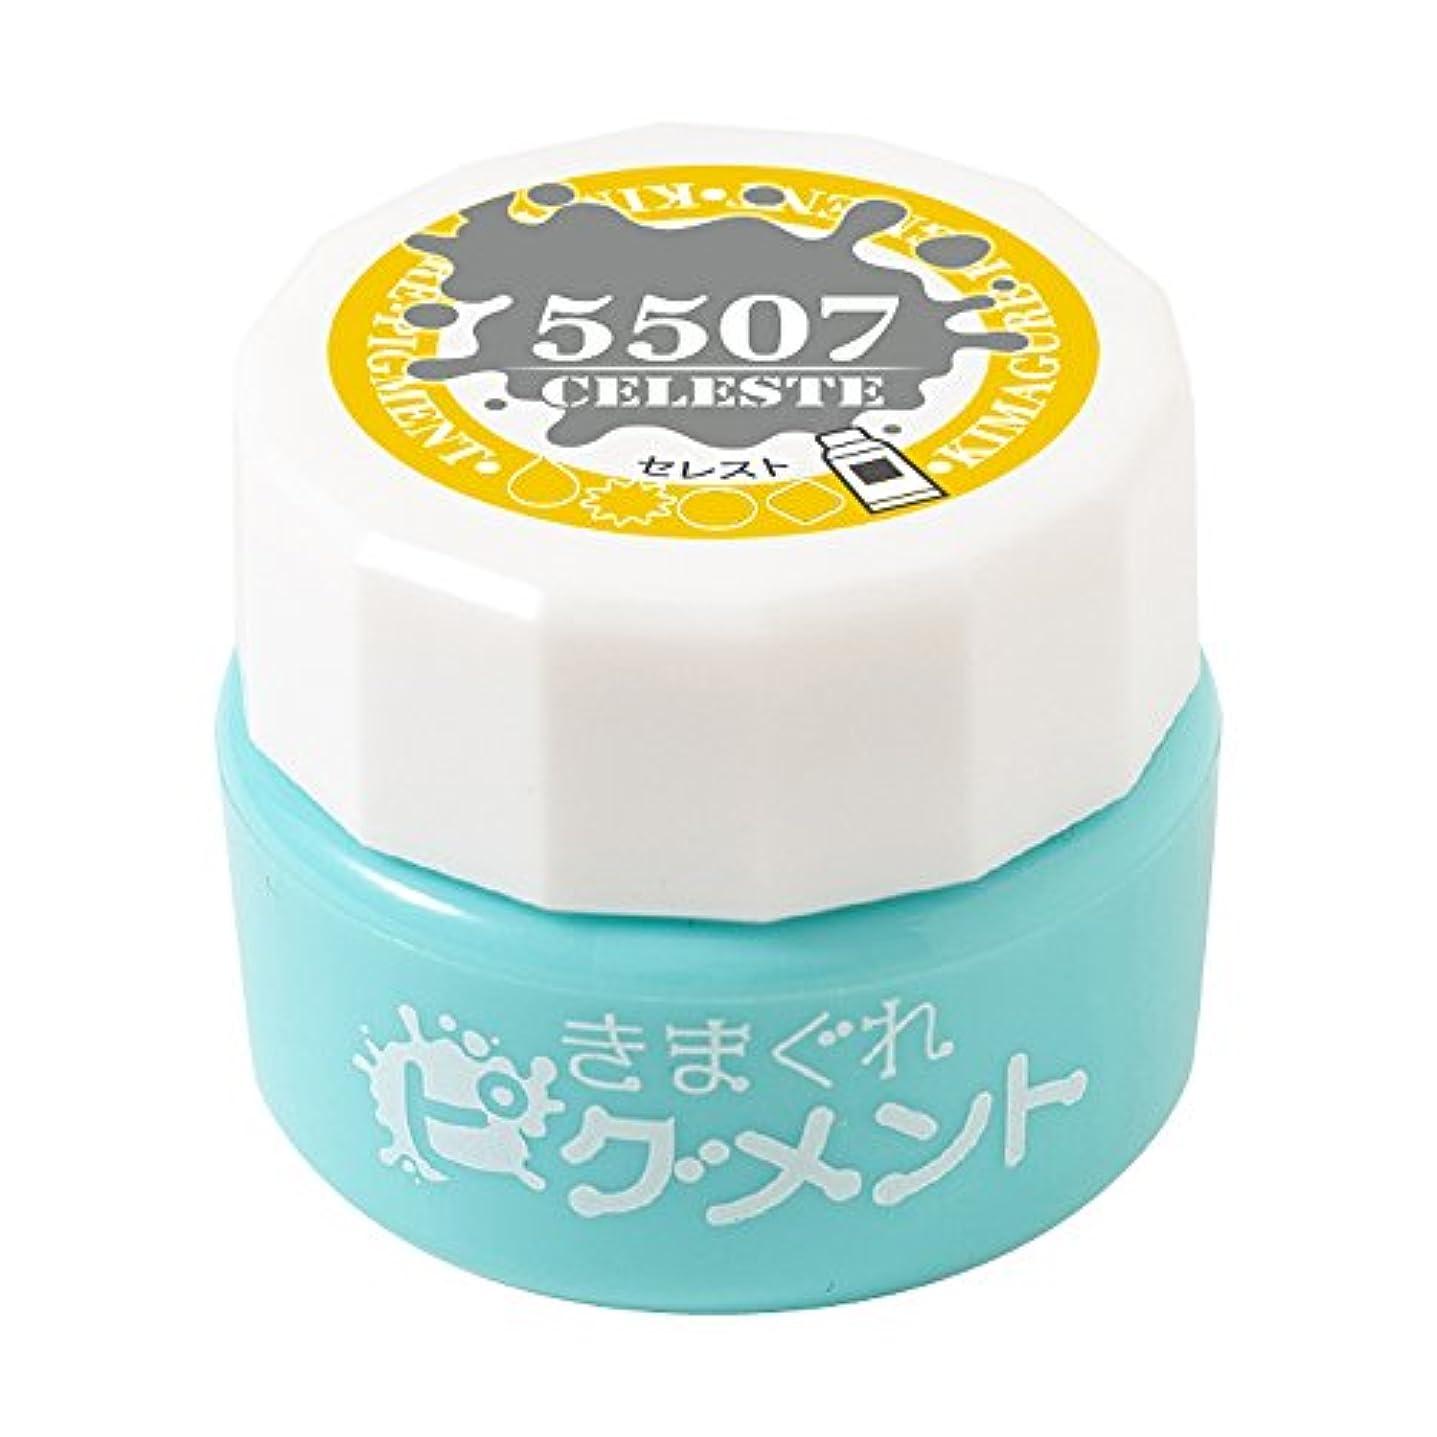 Bettygel きまぐれピグメント セレスト QYJ-5507 4g UV/LED対応